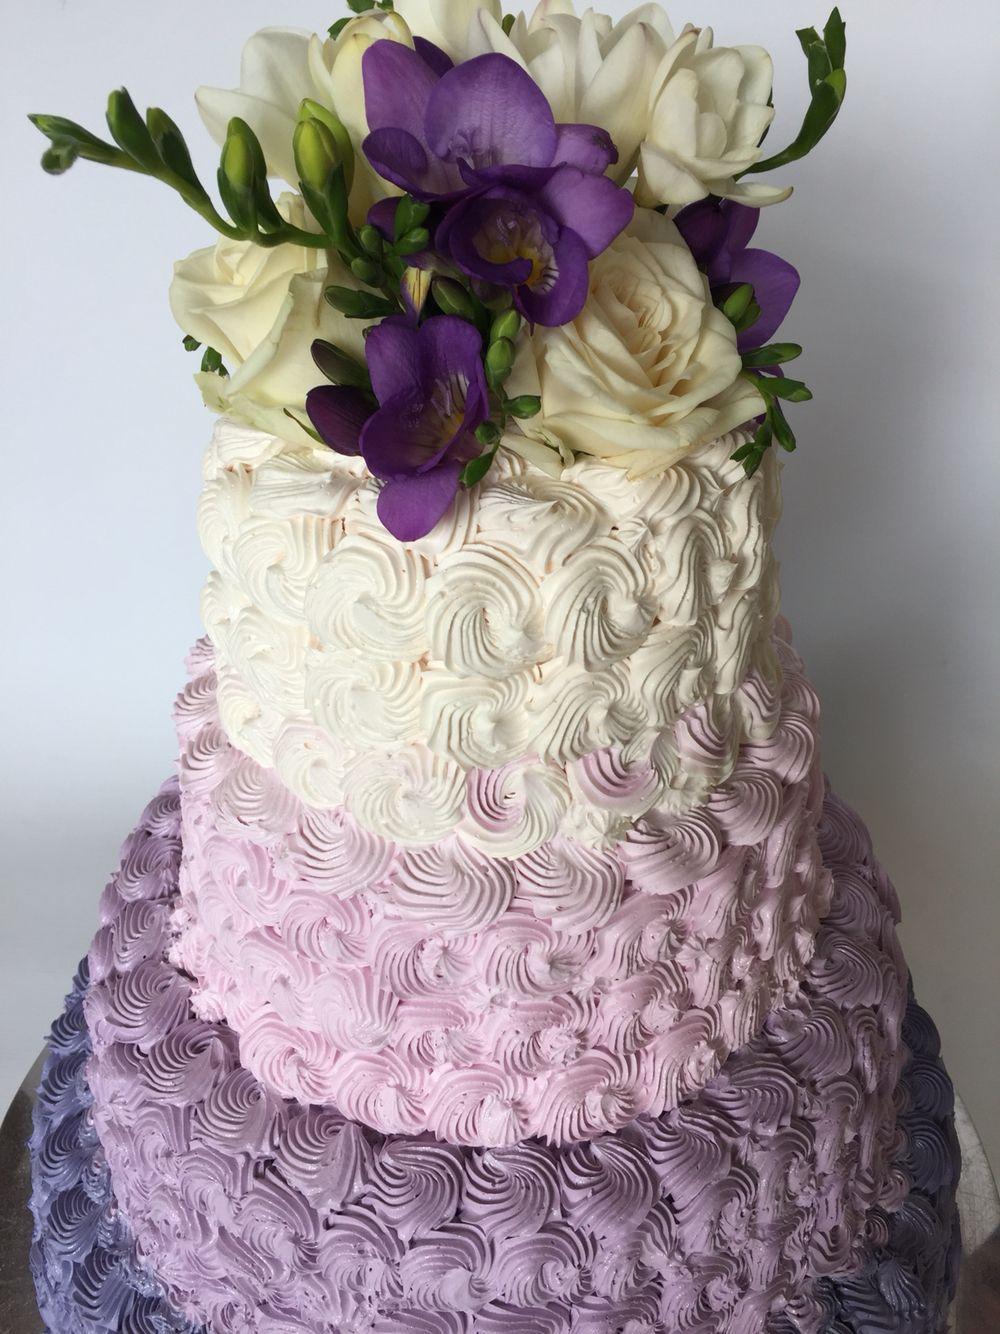 Swieze Kwiaty Roze Frezje Filet Smietanka W Srodku Malinki Cake Desserts